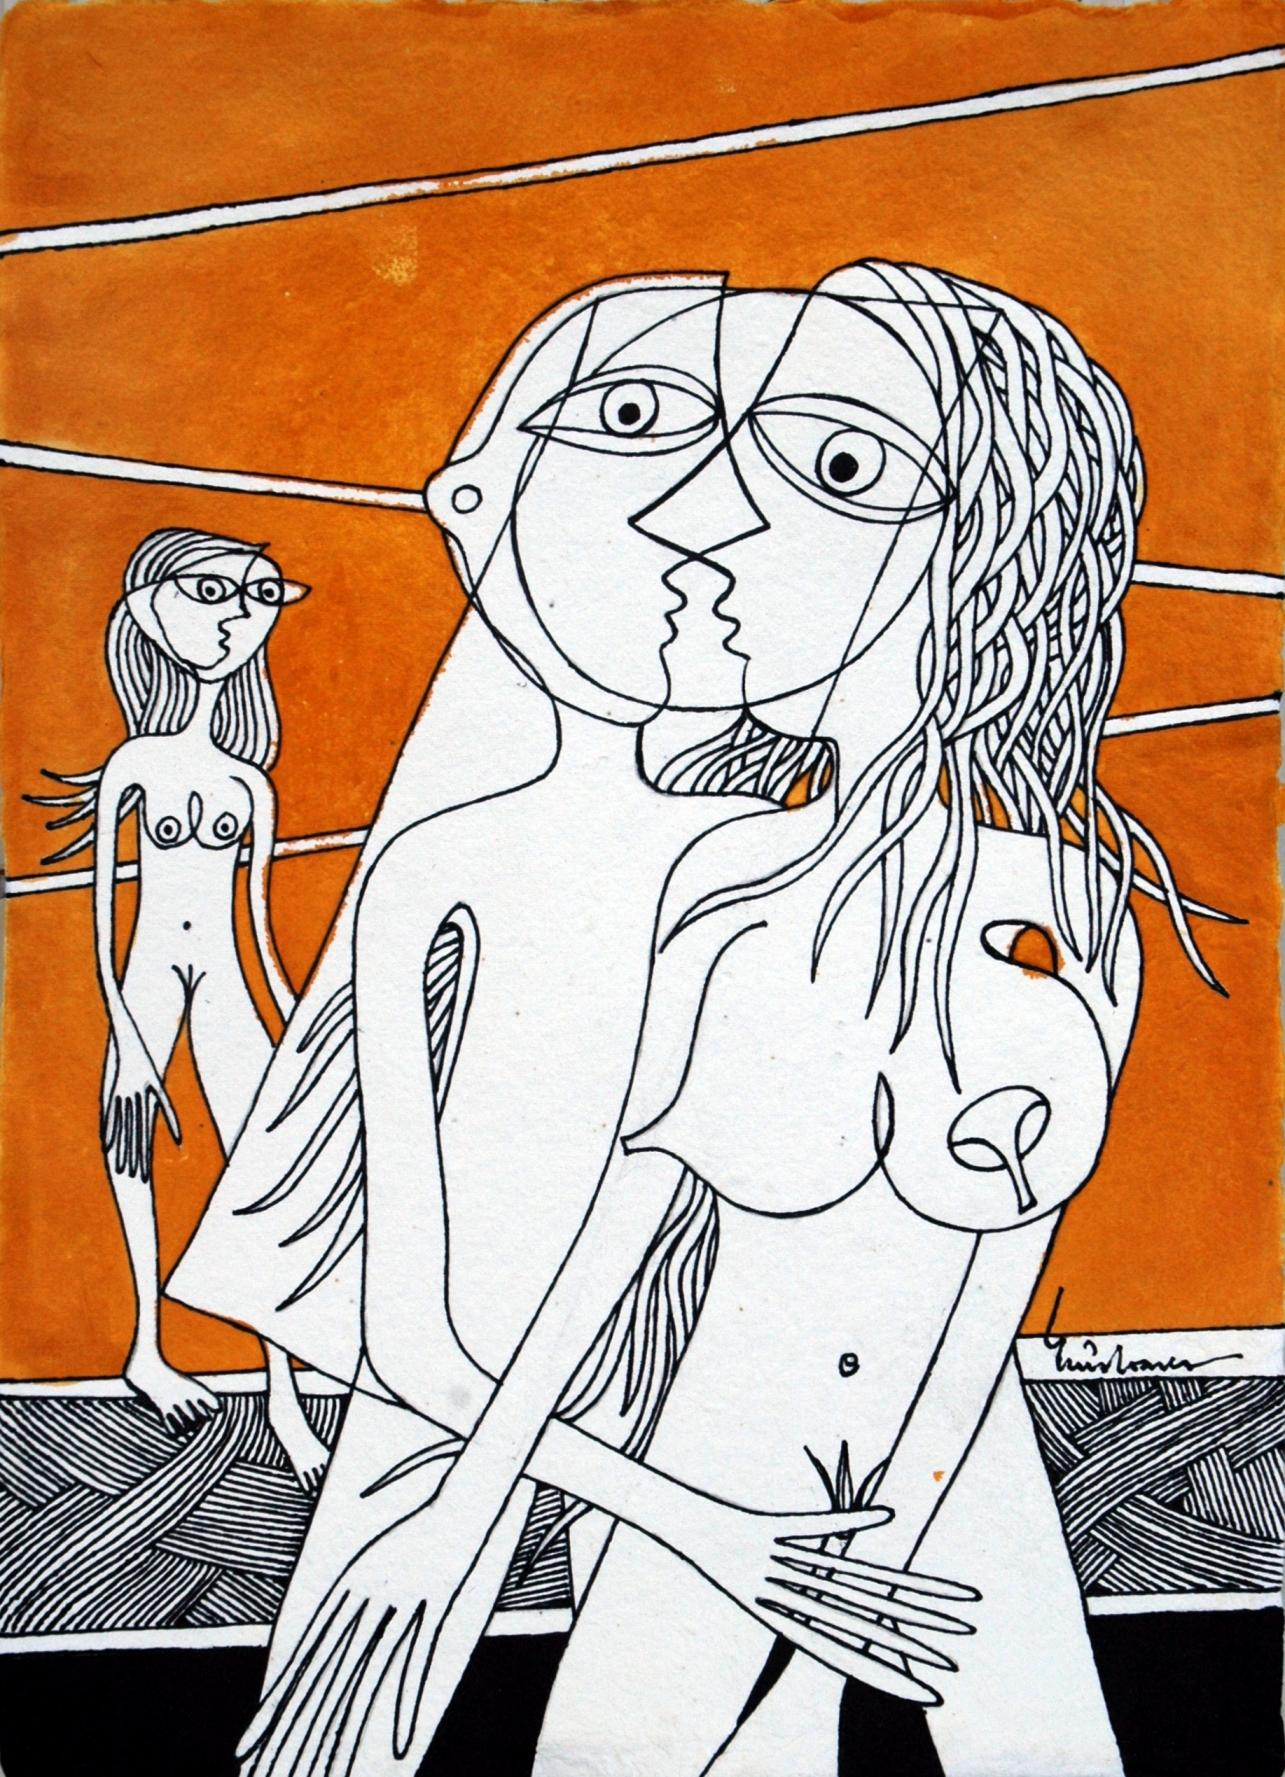 Juegos de amor XVI (2012) - Luís Soares